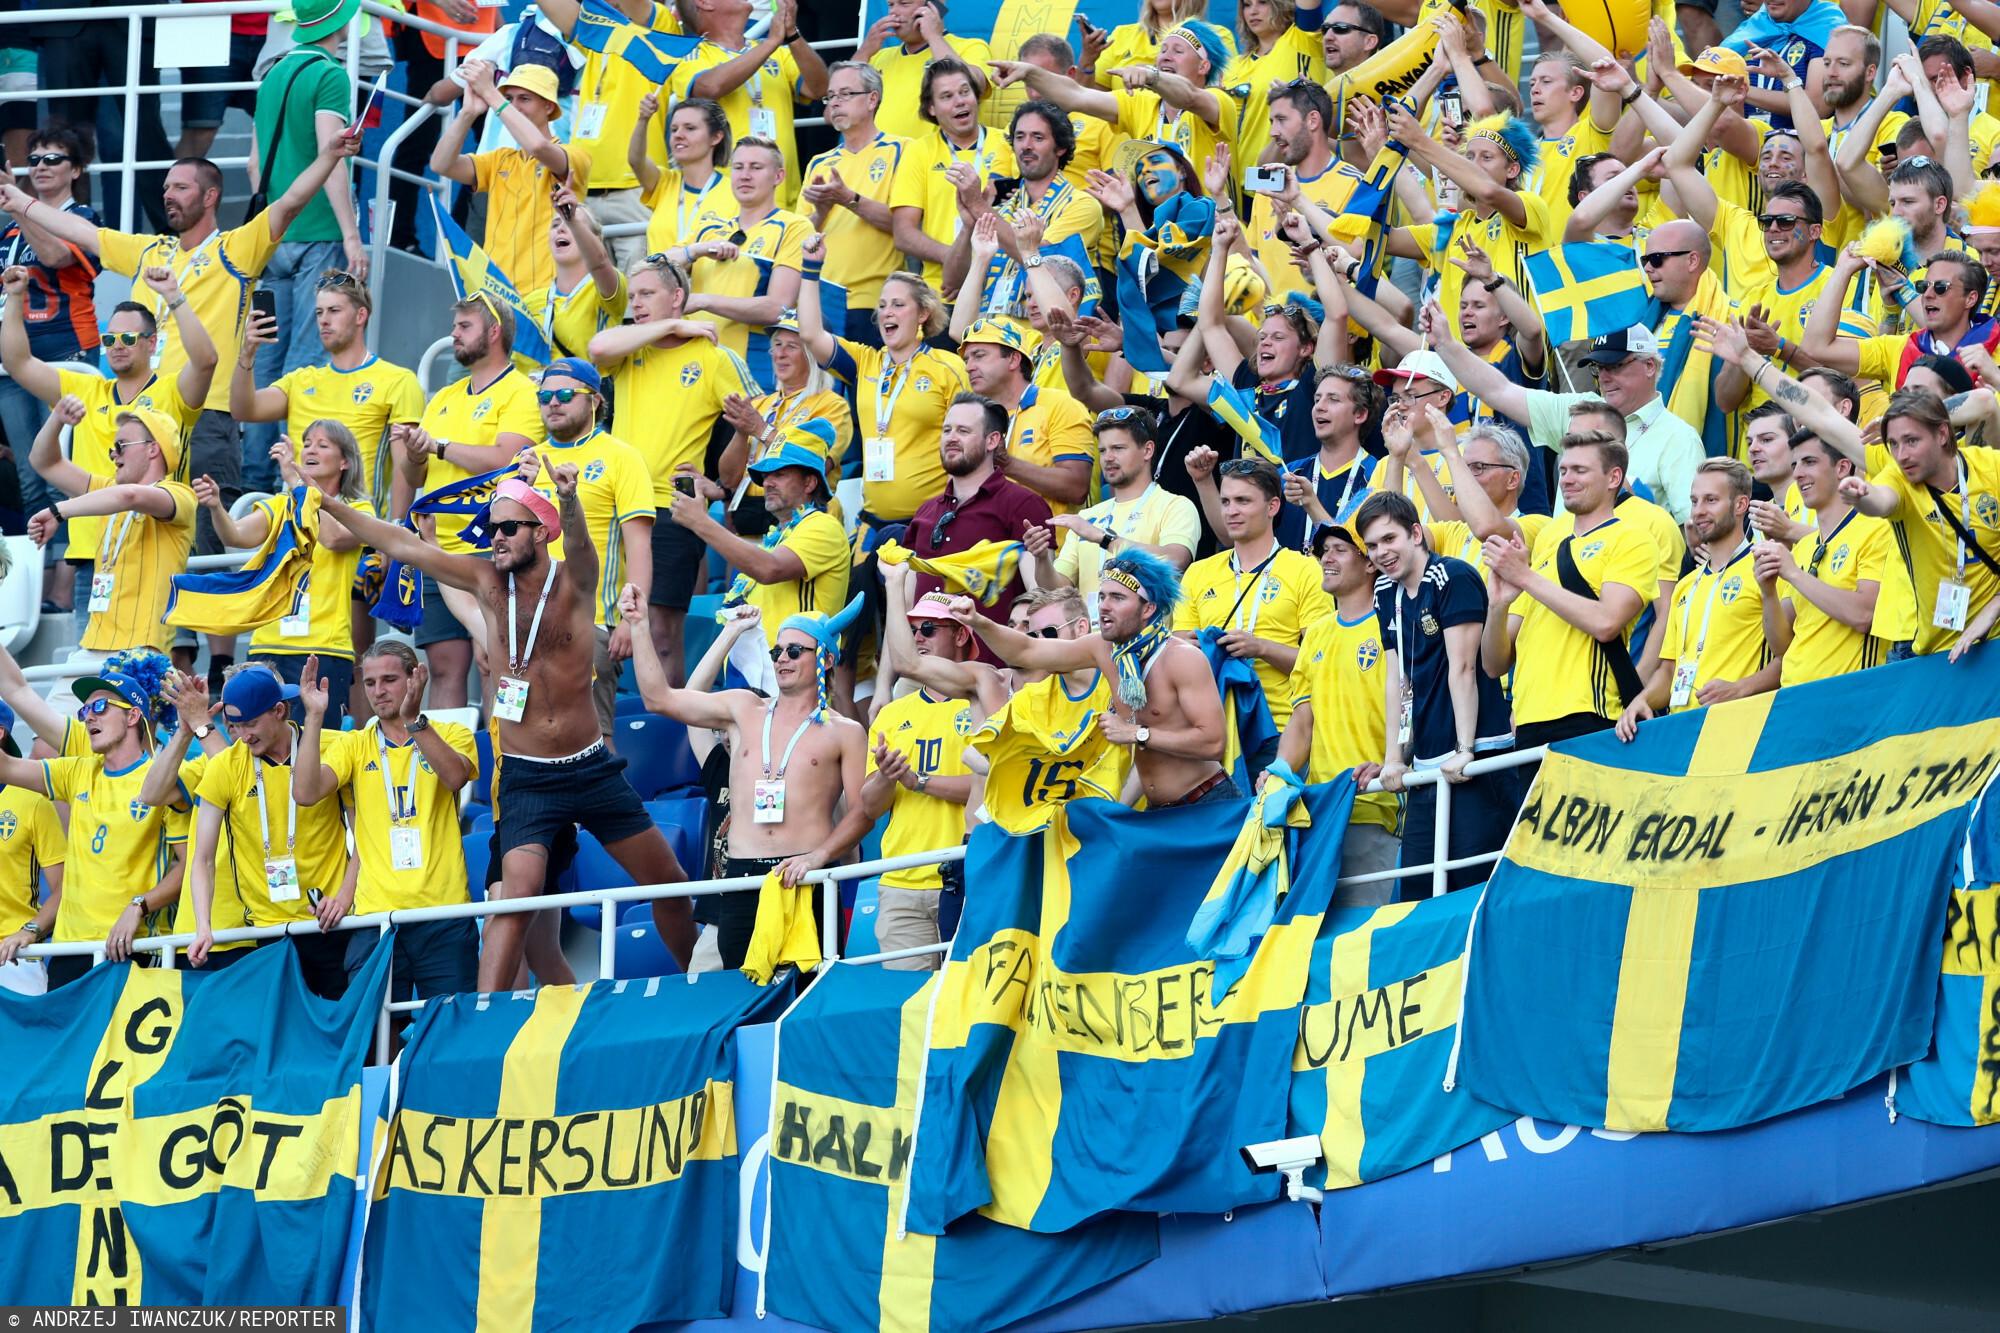 18.06.2018 Rosja Nizny Nowogrod Mistrzostwa Swiata w pilce noznej Grupa F Mecz Szwecja - Korea Poludniowa N/z kibice szwecji Fot. Andrzej Iwanczuk/REPORTER --------------==========--------------- 2018 FIFA World Cup Group F Sweden vs Korea Republic on June 18, 2018 in Nizhny Novgorod, Russia. In the picture: kibice szwecji